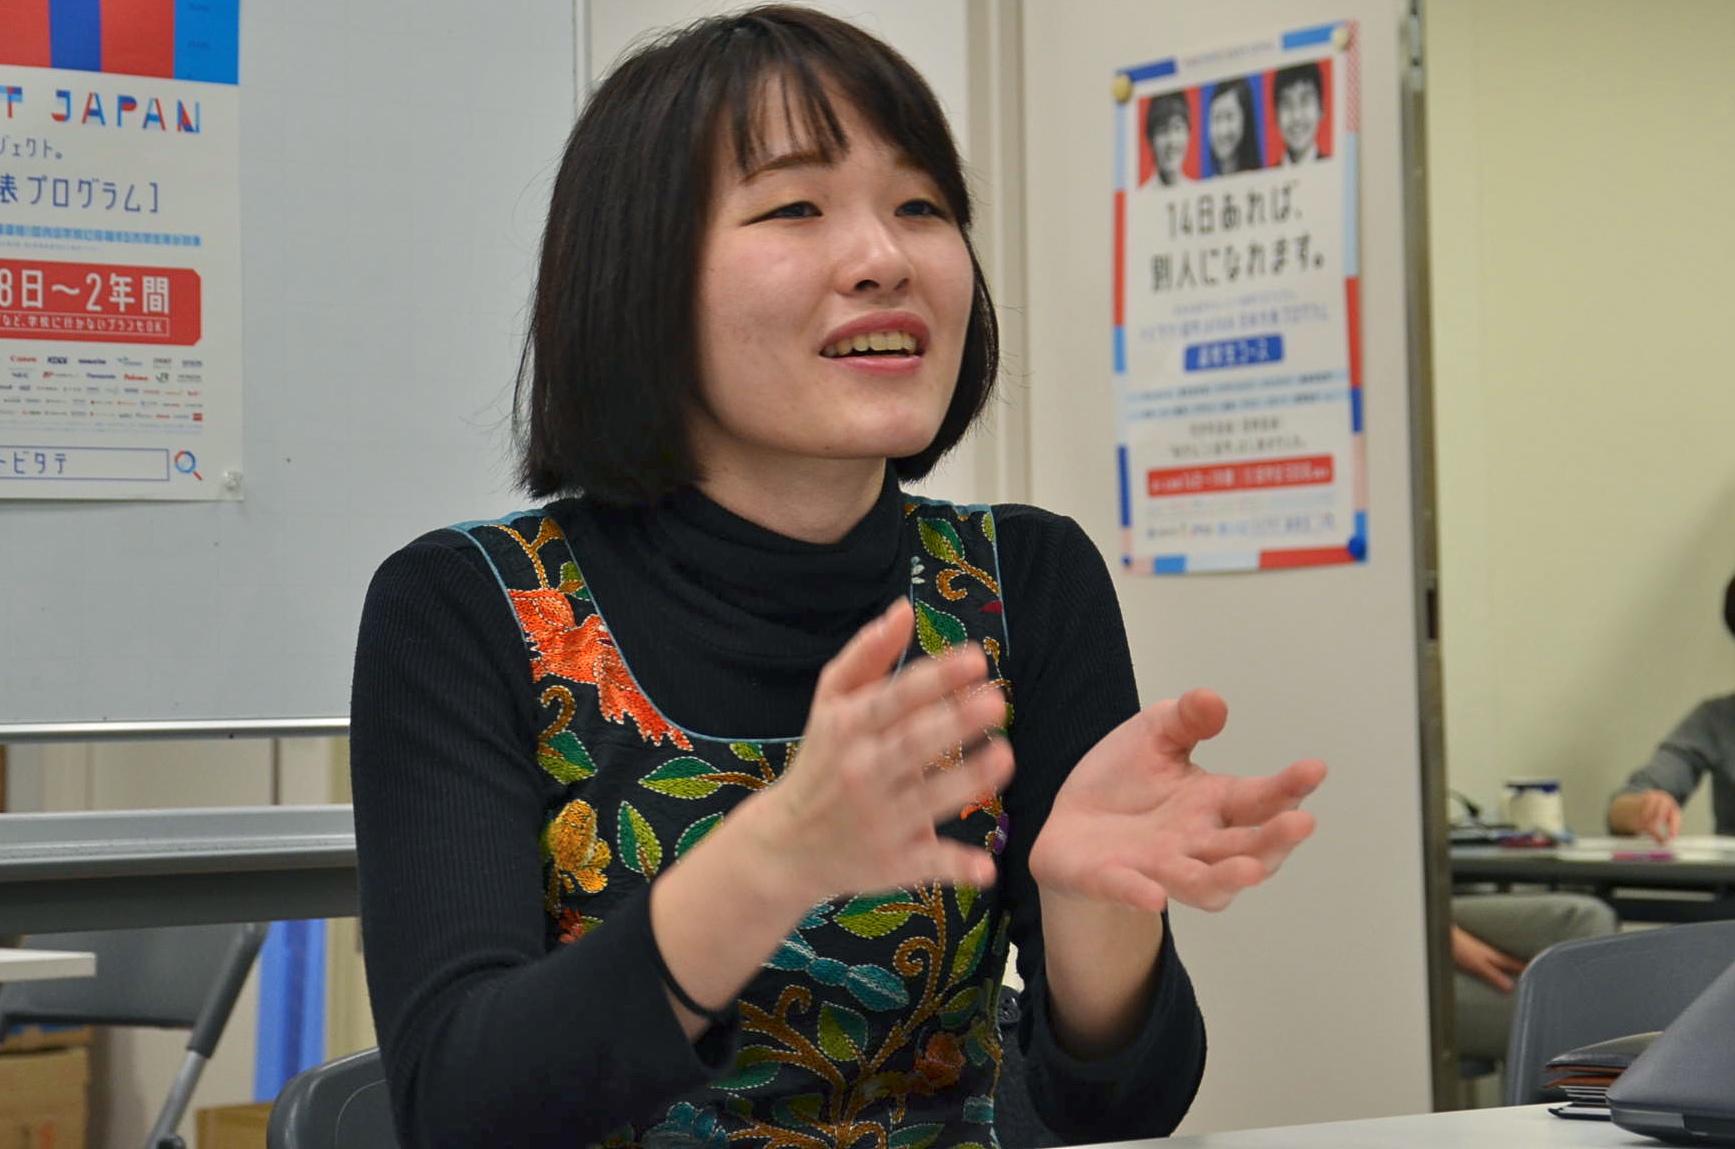 「留学先で良い経験ができるなら、大学卒業が遅れてもいい」トビタテ!留学JAPAN・船橋氏と参加学生が語る、留学の魅力とは?